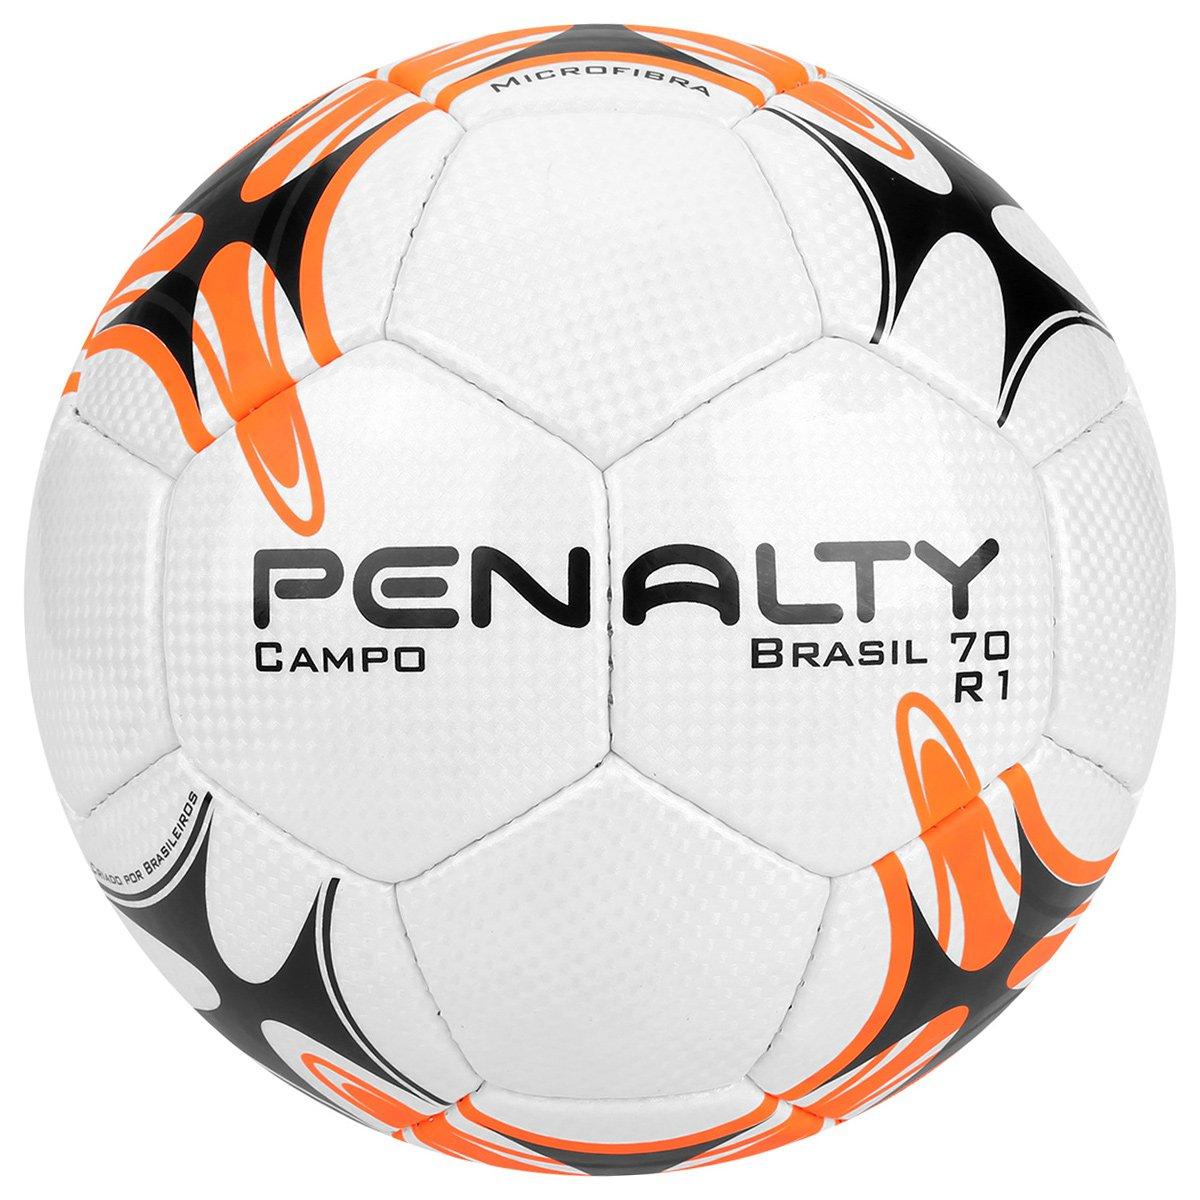 0a67e1127bd6a Bola Futebol Campo Penalty Brasil 70 R1 7 - Compre Agora